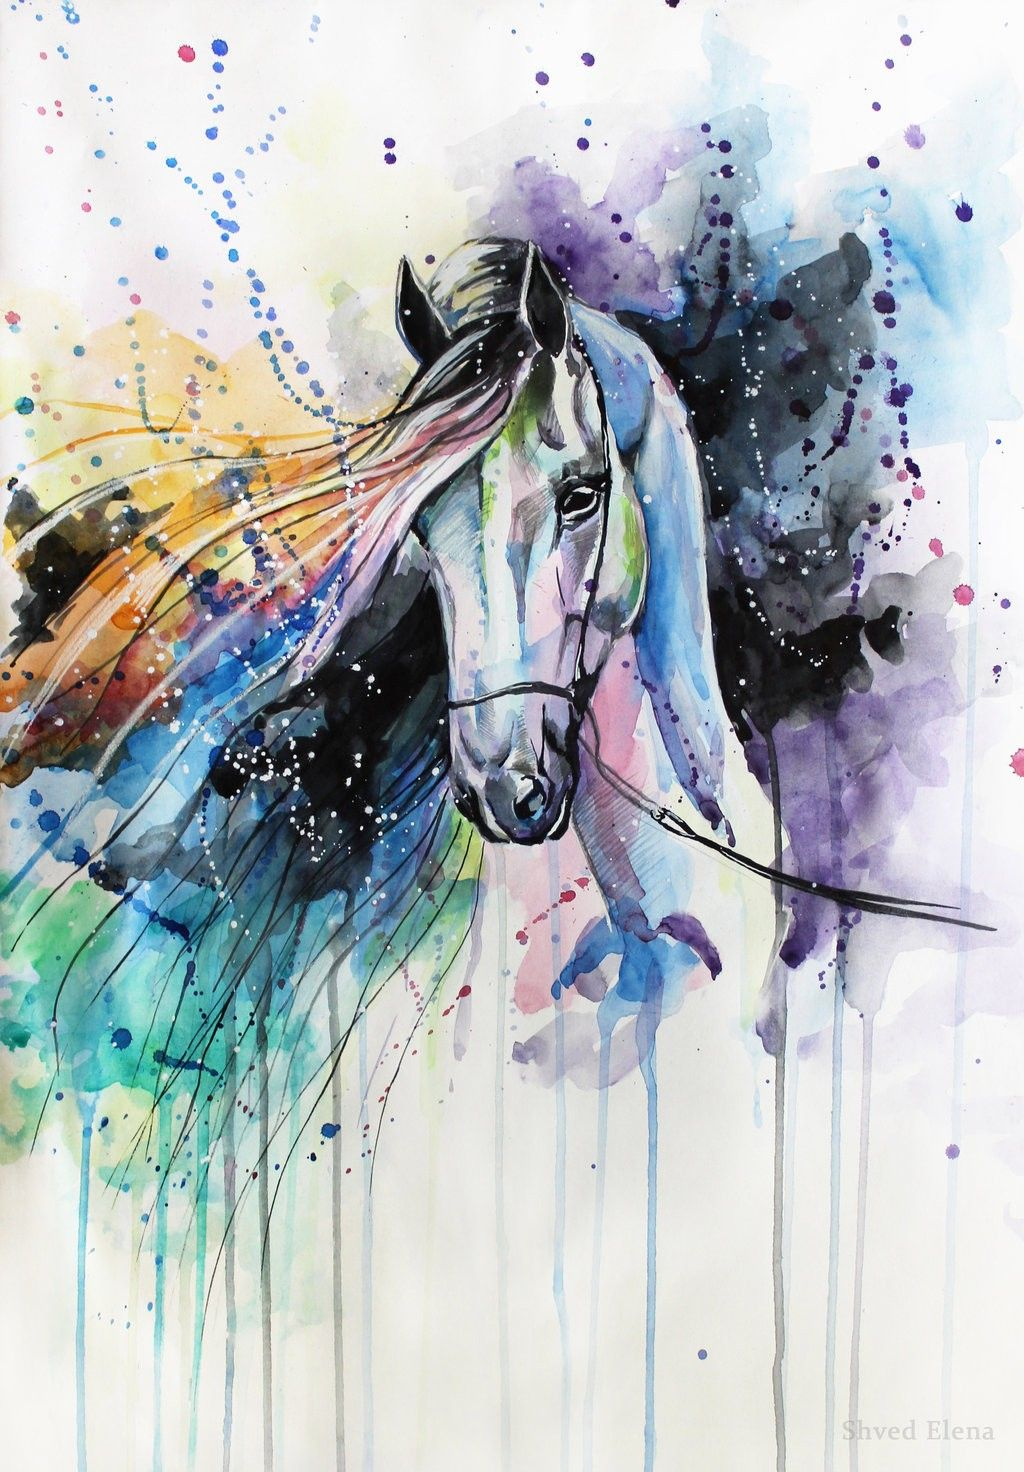 painting elena shved des chevaux hauts en couleur peinture pinterest cheval aquarelle. Black Bedroom Furniture Sets. Home Design Ideas